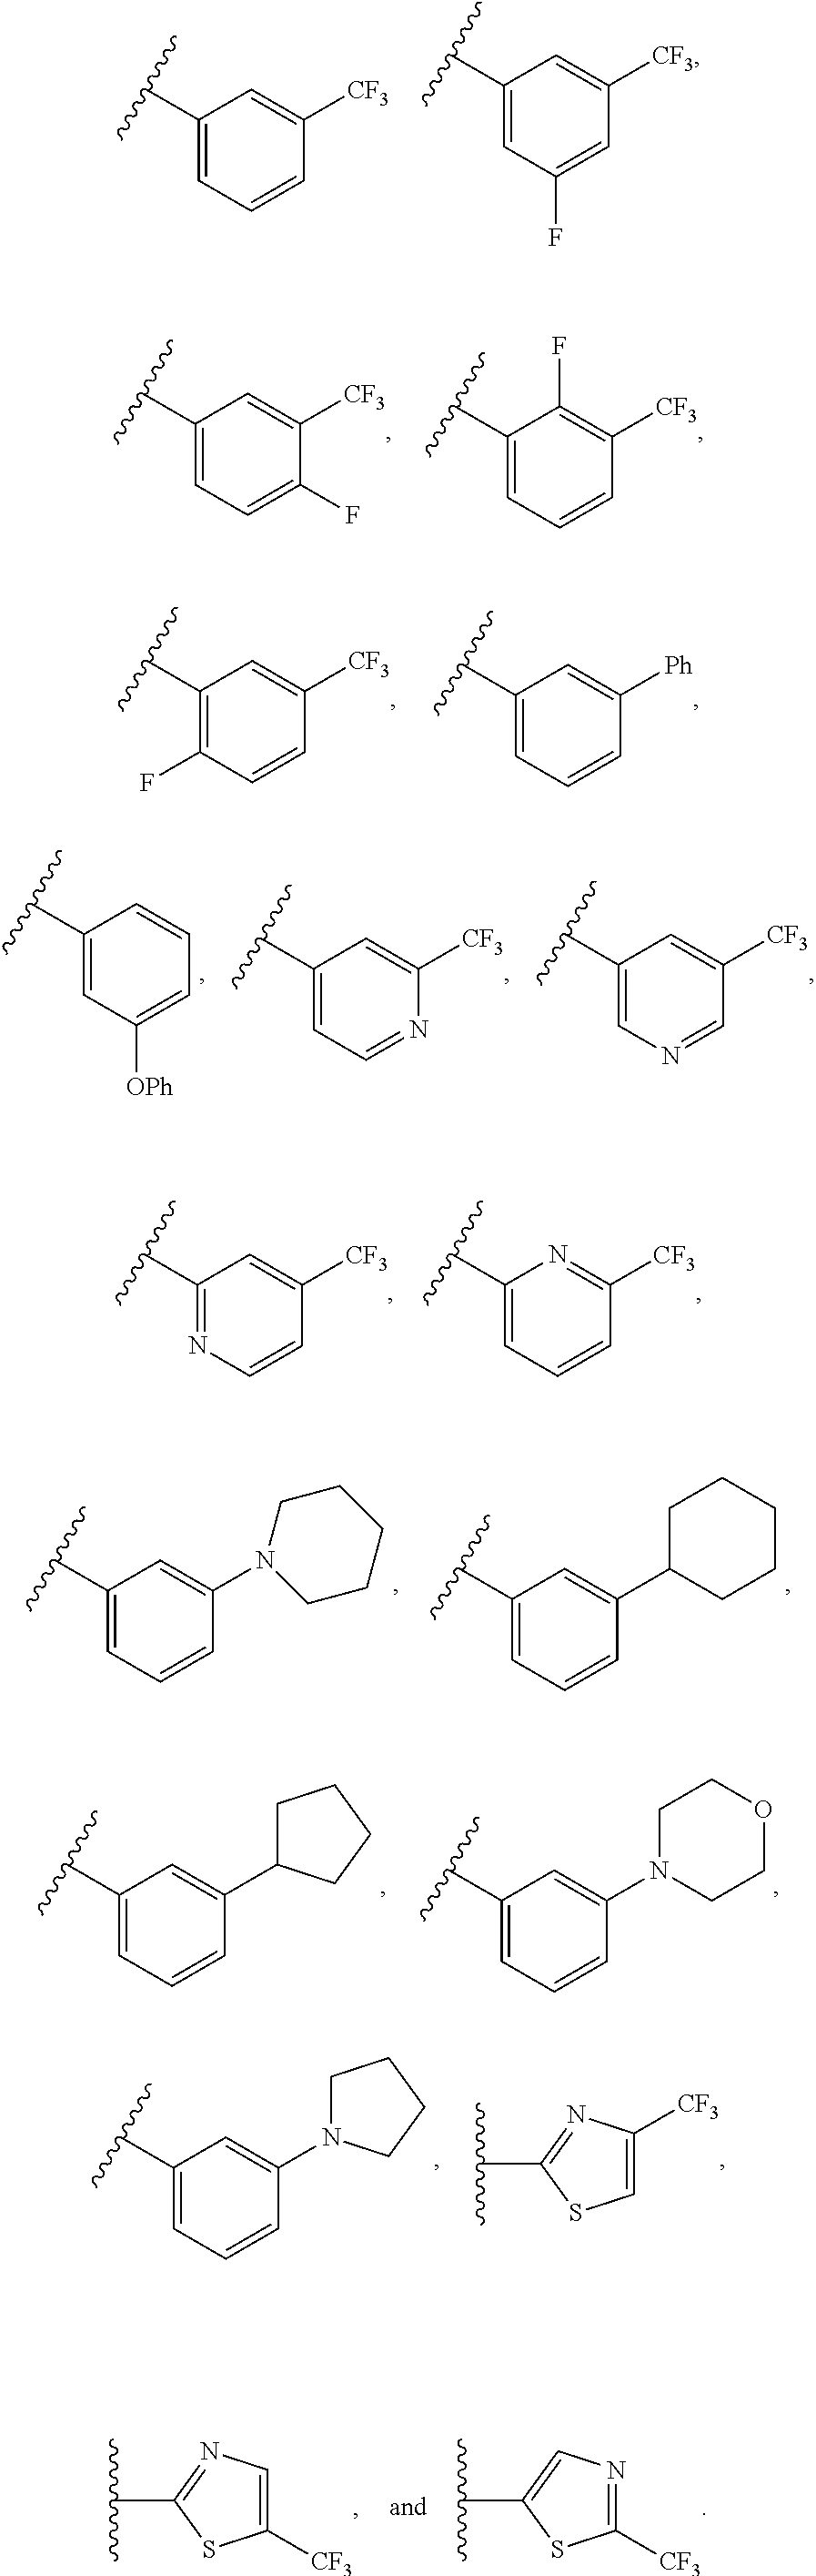 Figure US09326986-20160503-C00013